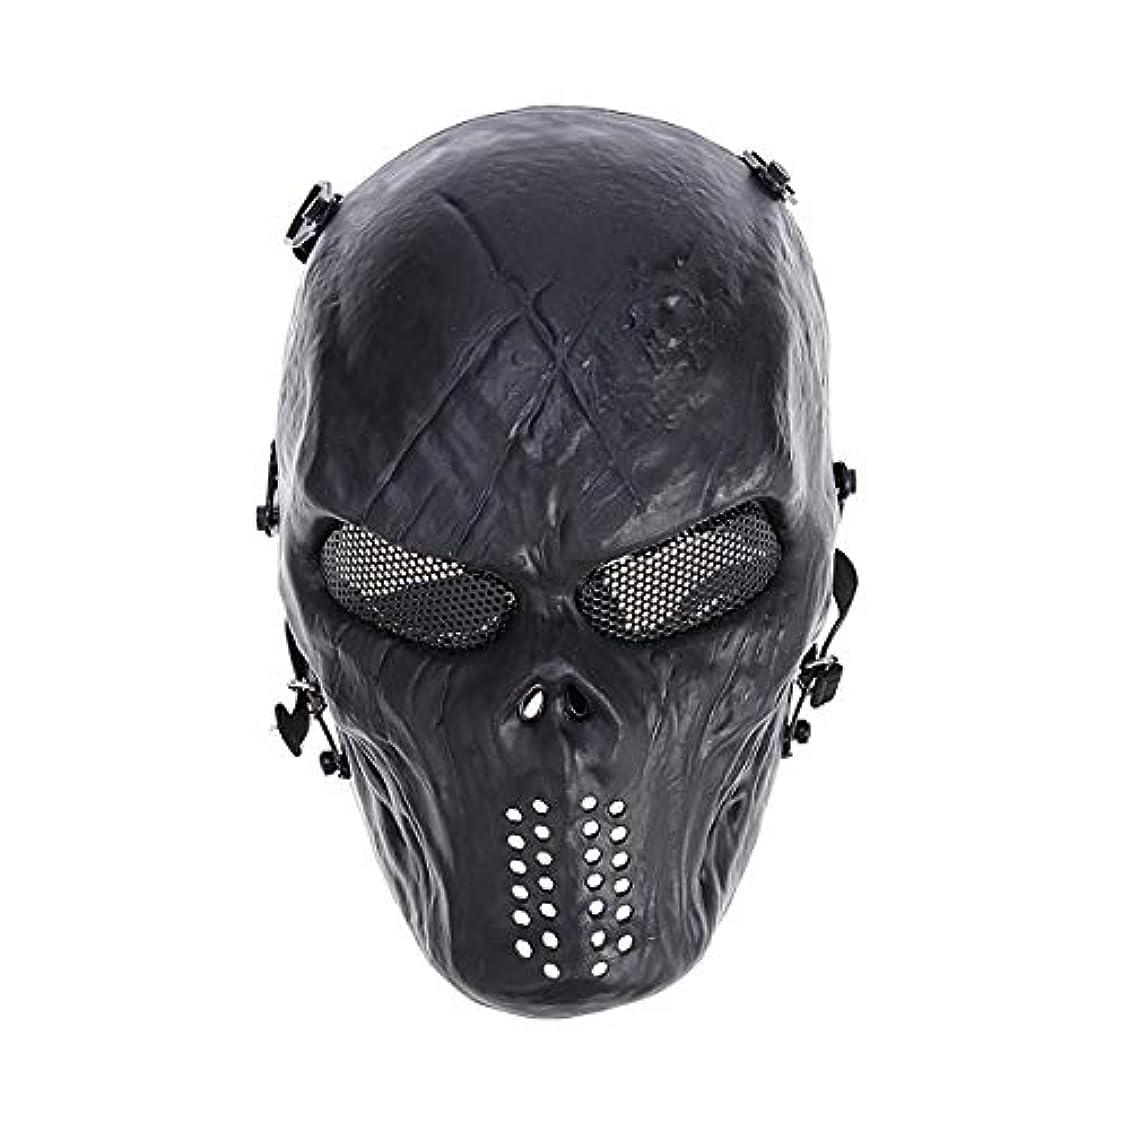 思慮のないパスそれからVORCOOL CSフィールドマスクハロウィンパーティーコスチュームマスク調整可能な戦術マスク戦闘保護顔耳保護征服マスク(黒)